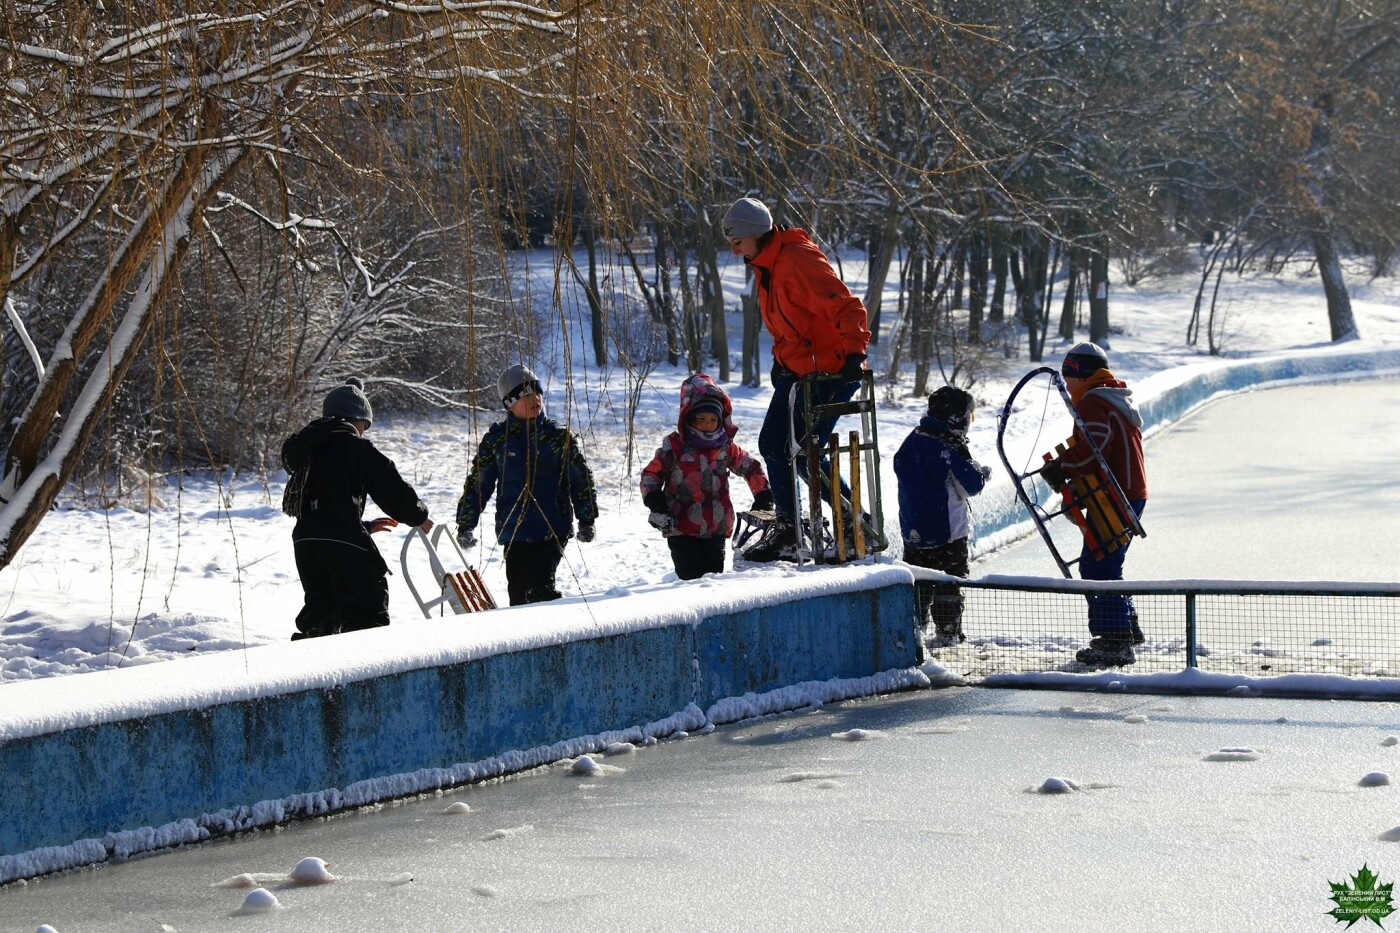 Одессит показал зиму в парке Победы, - ФОТО, фото-13, Фото: Владислав Балинский